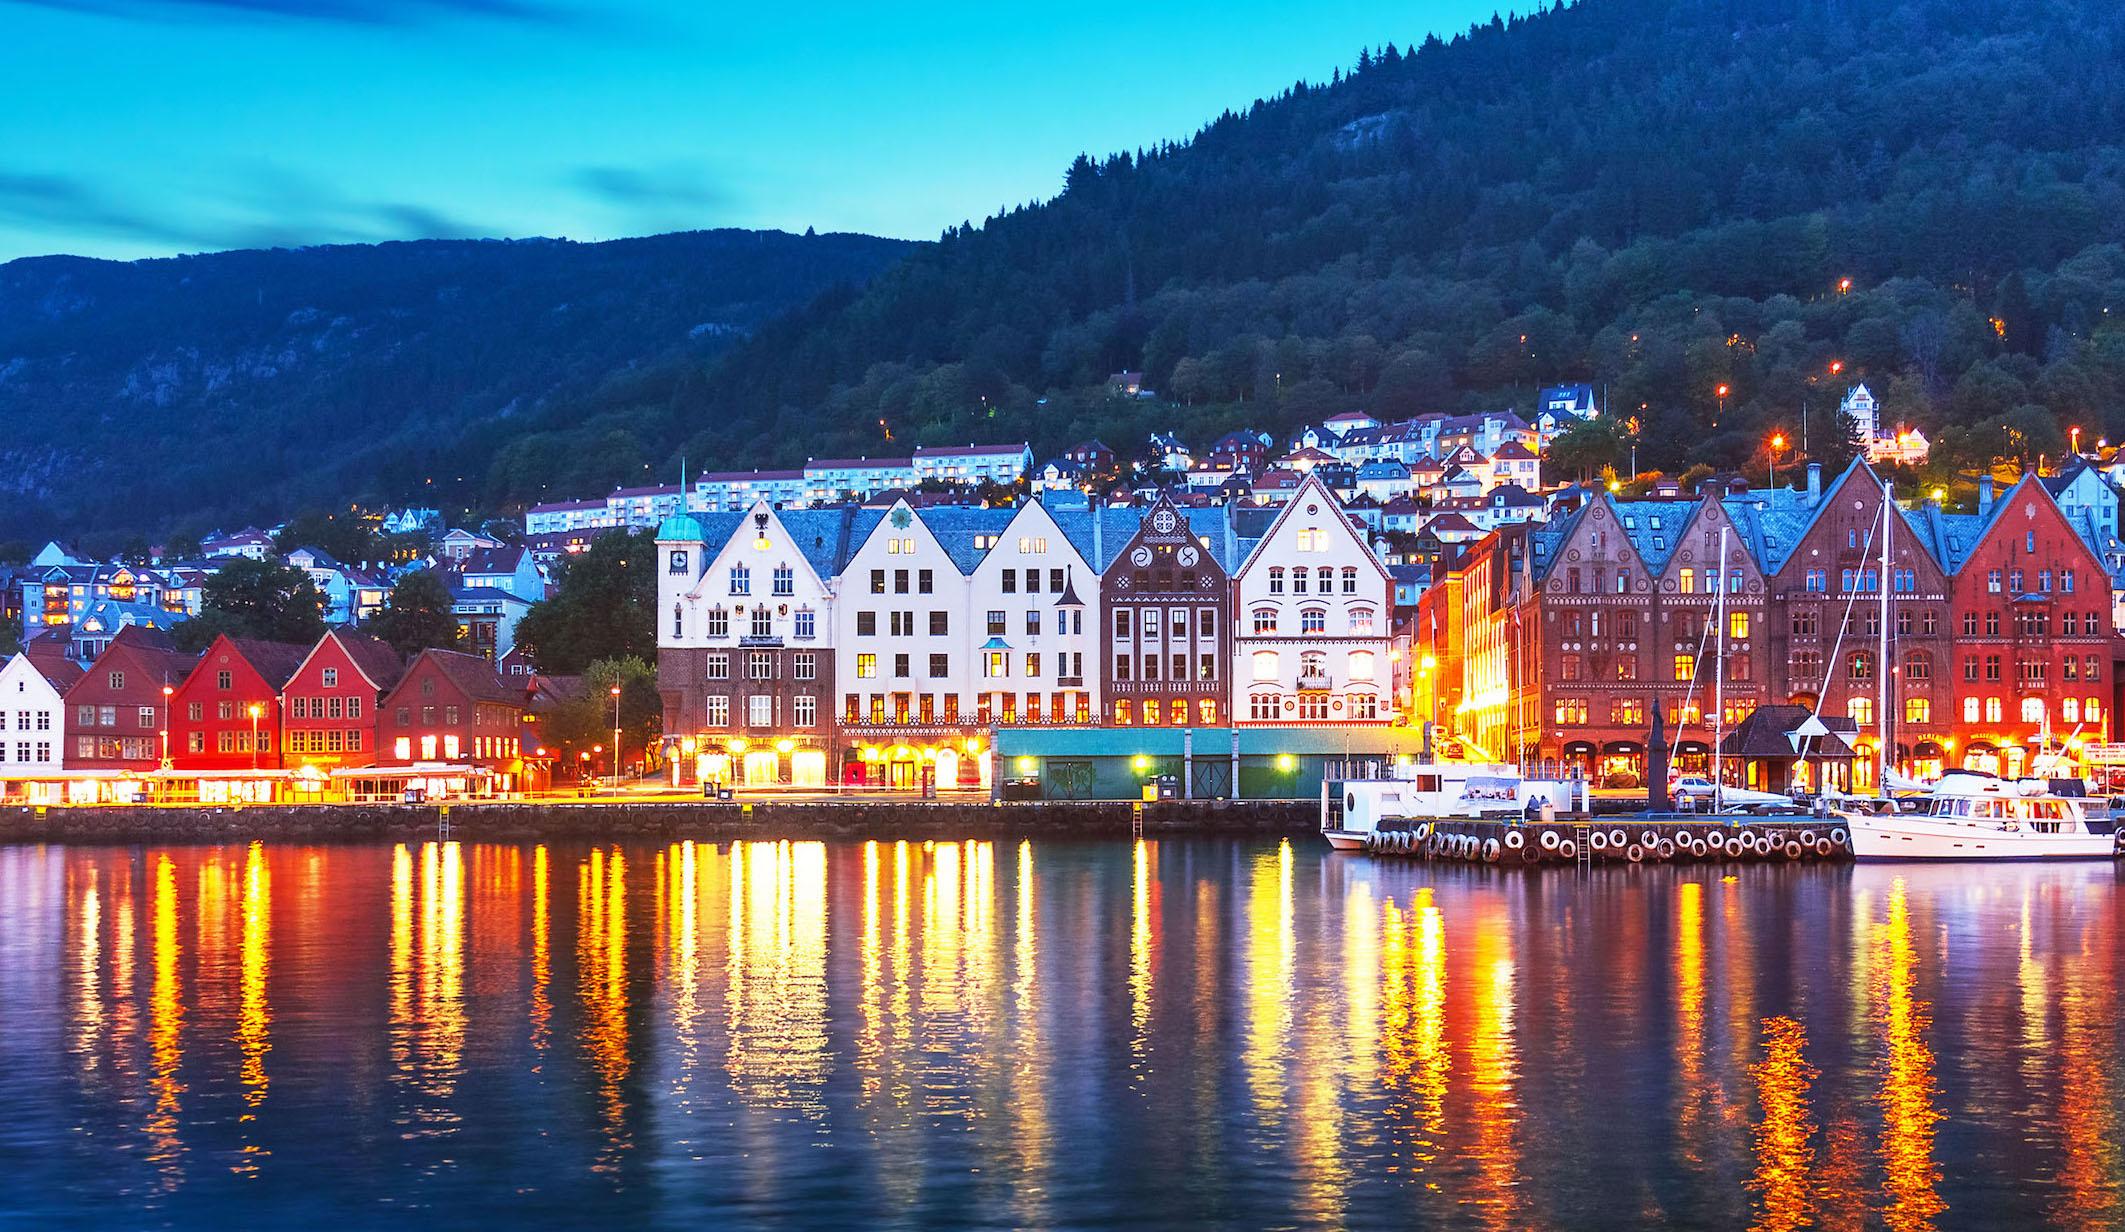 Bryggen_Bergen_nightime_shutterstock_556209586 sml